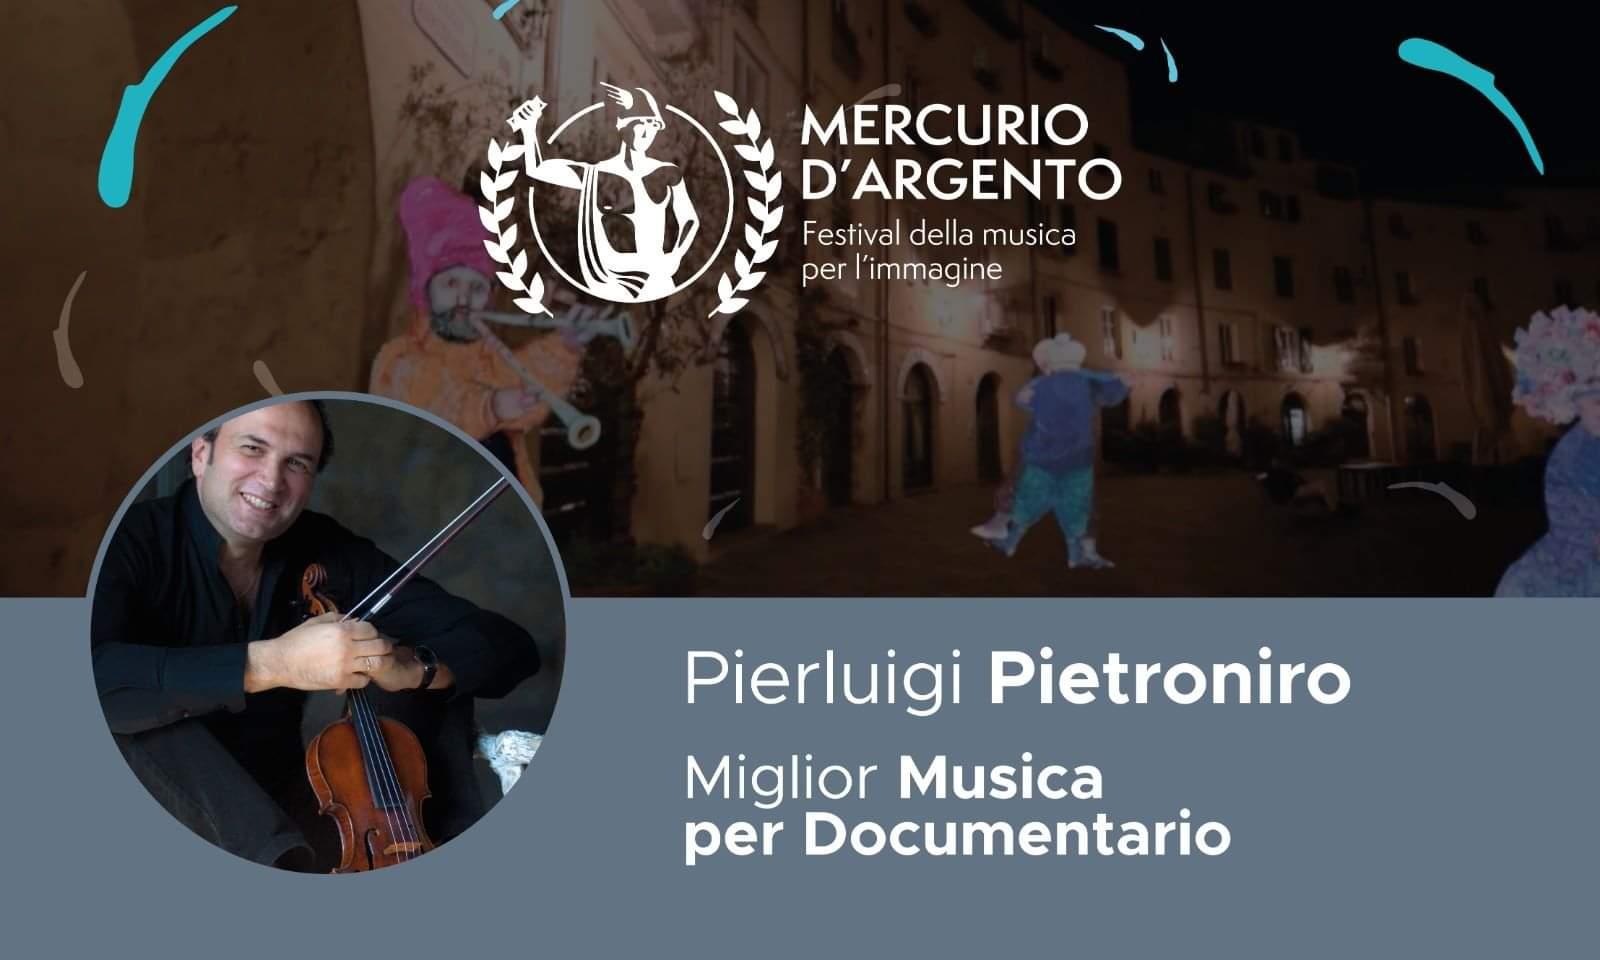 MERCURIO D'ARGENTO 2019